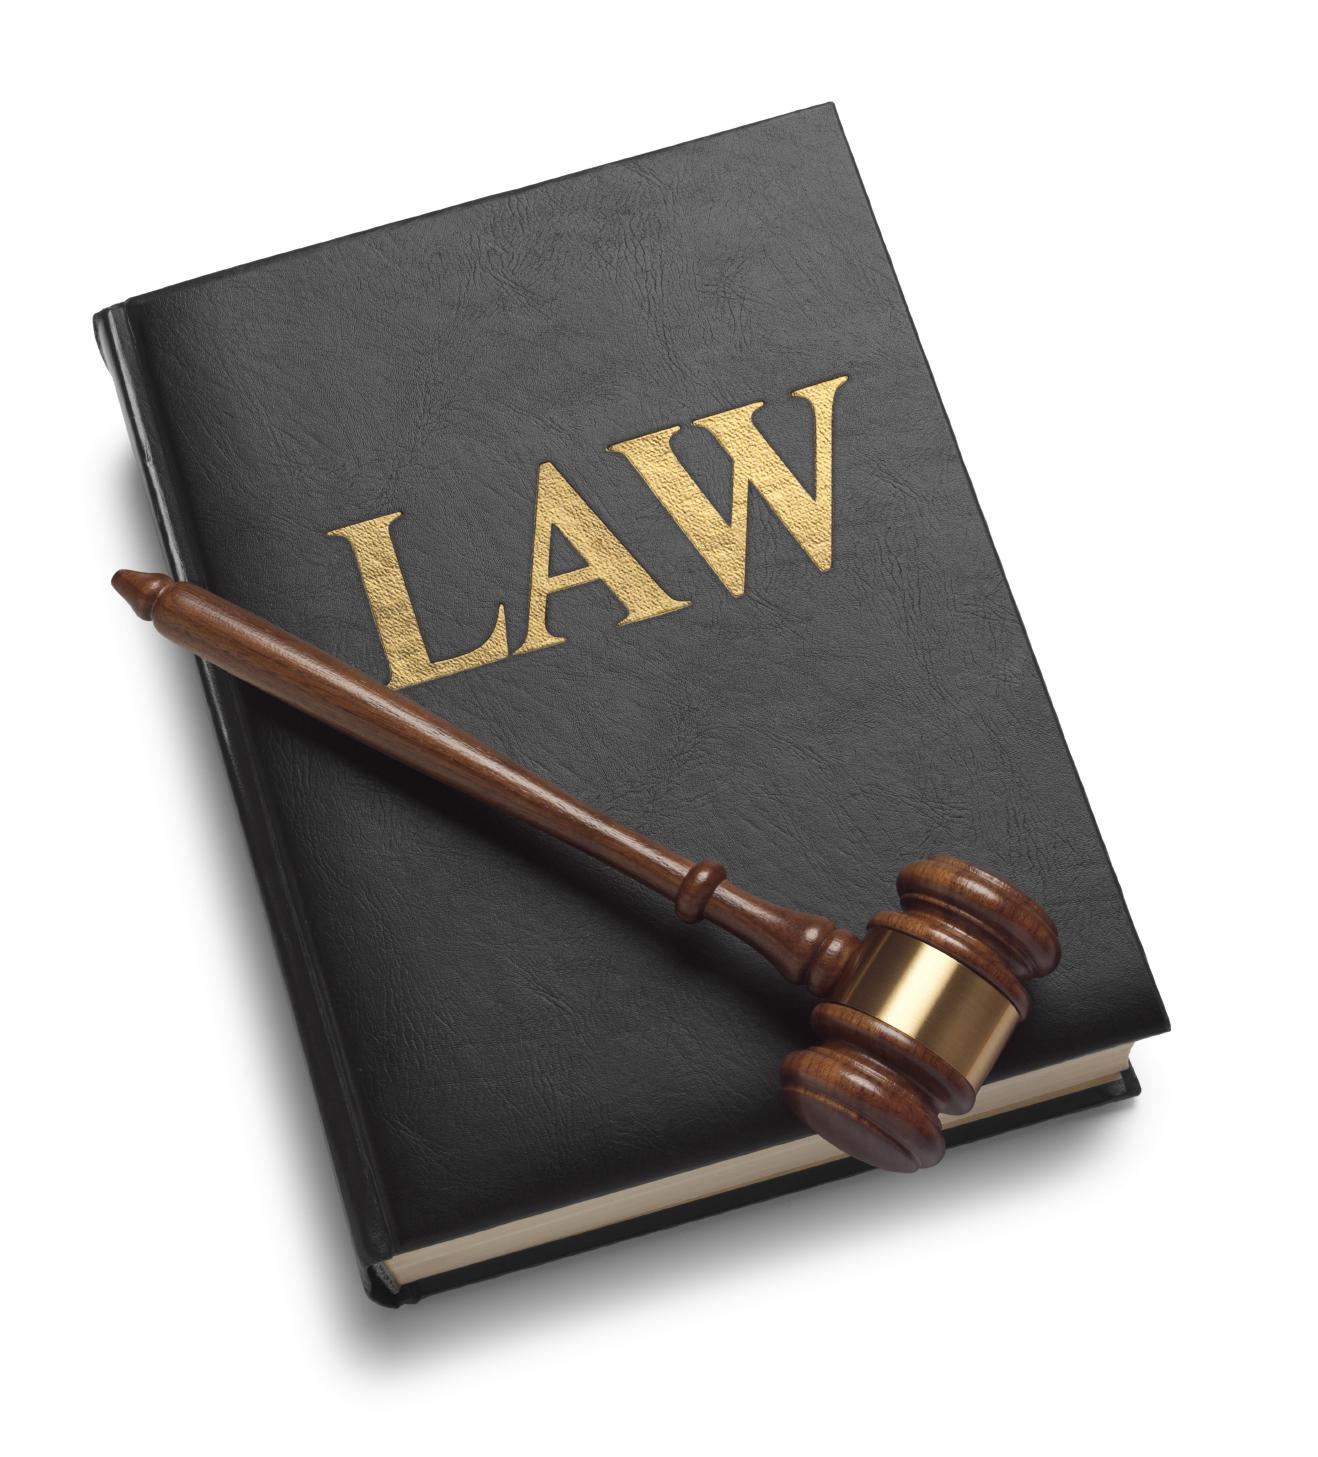 Người phạm tội không trả tiền cho người bị hại theo bản án của Tòa